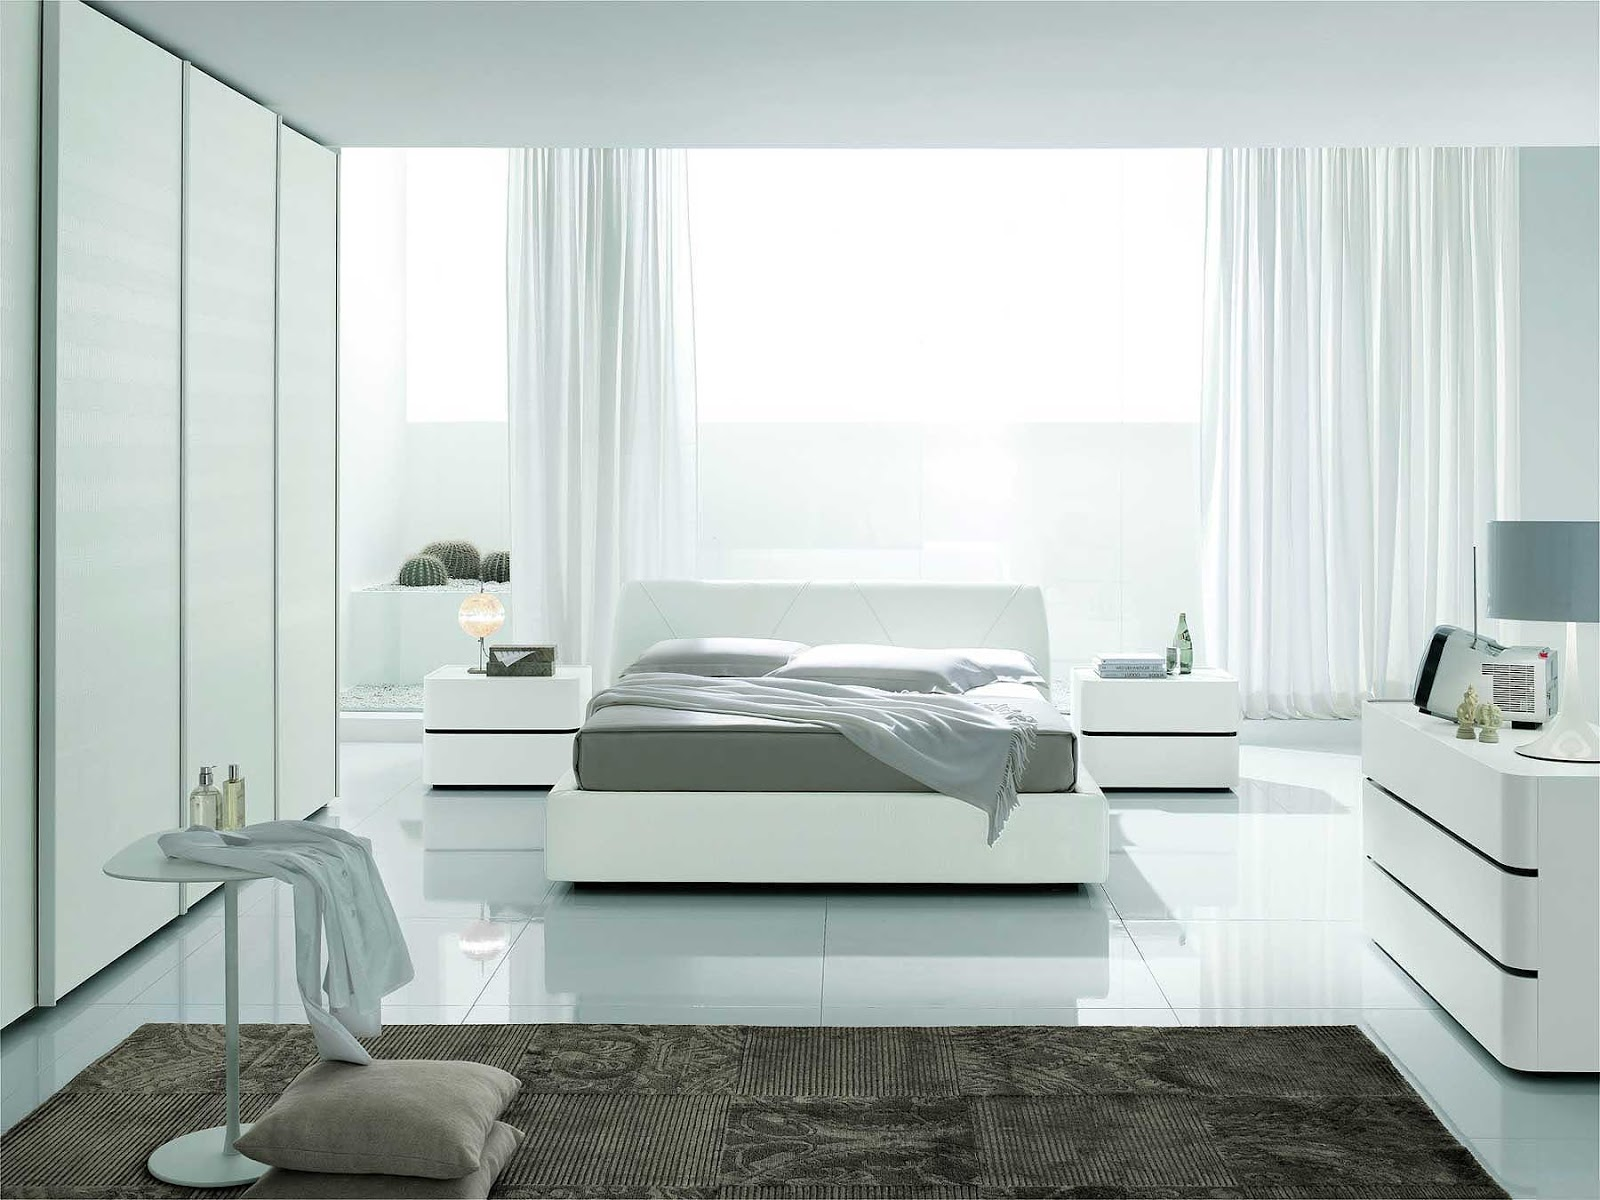 صورة غرف نوم بيضاء , شكل جديد وتصميم رائع ومميز لغرفه النوم 303 6